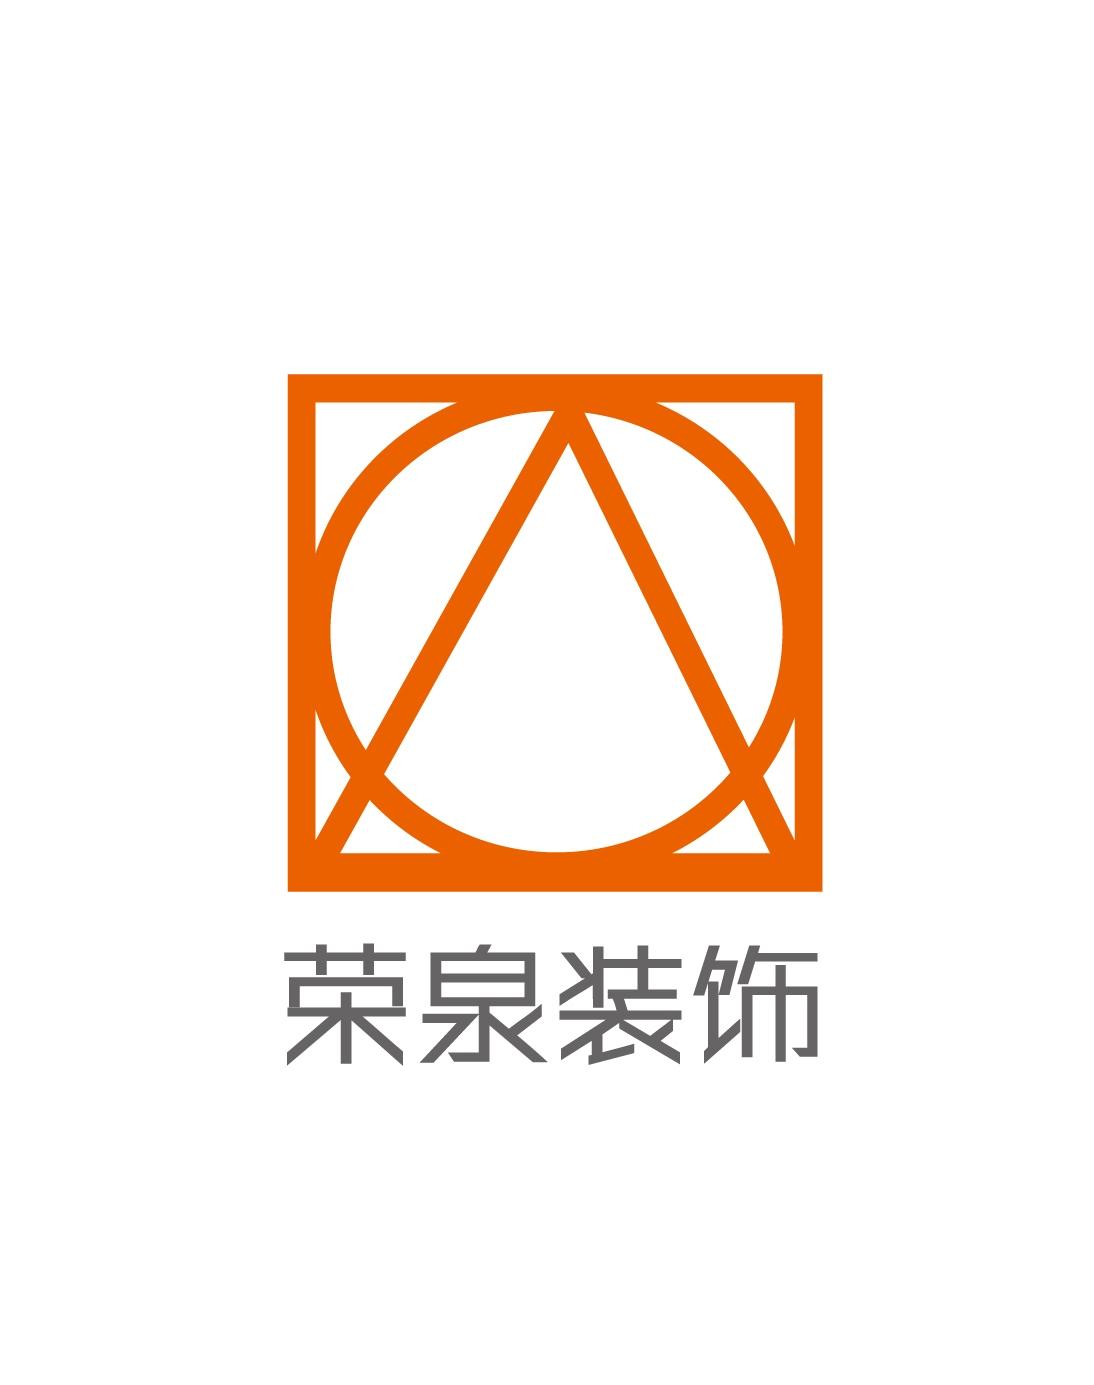 山东荣泉建筑装饰设计工程有限公司